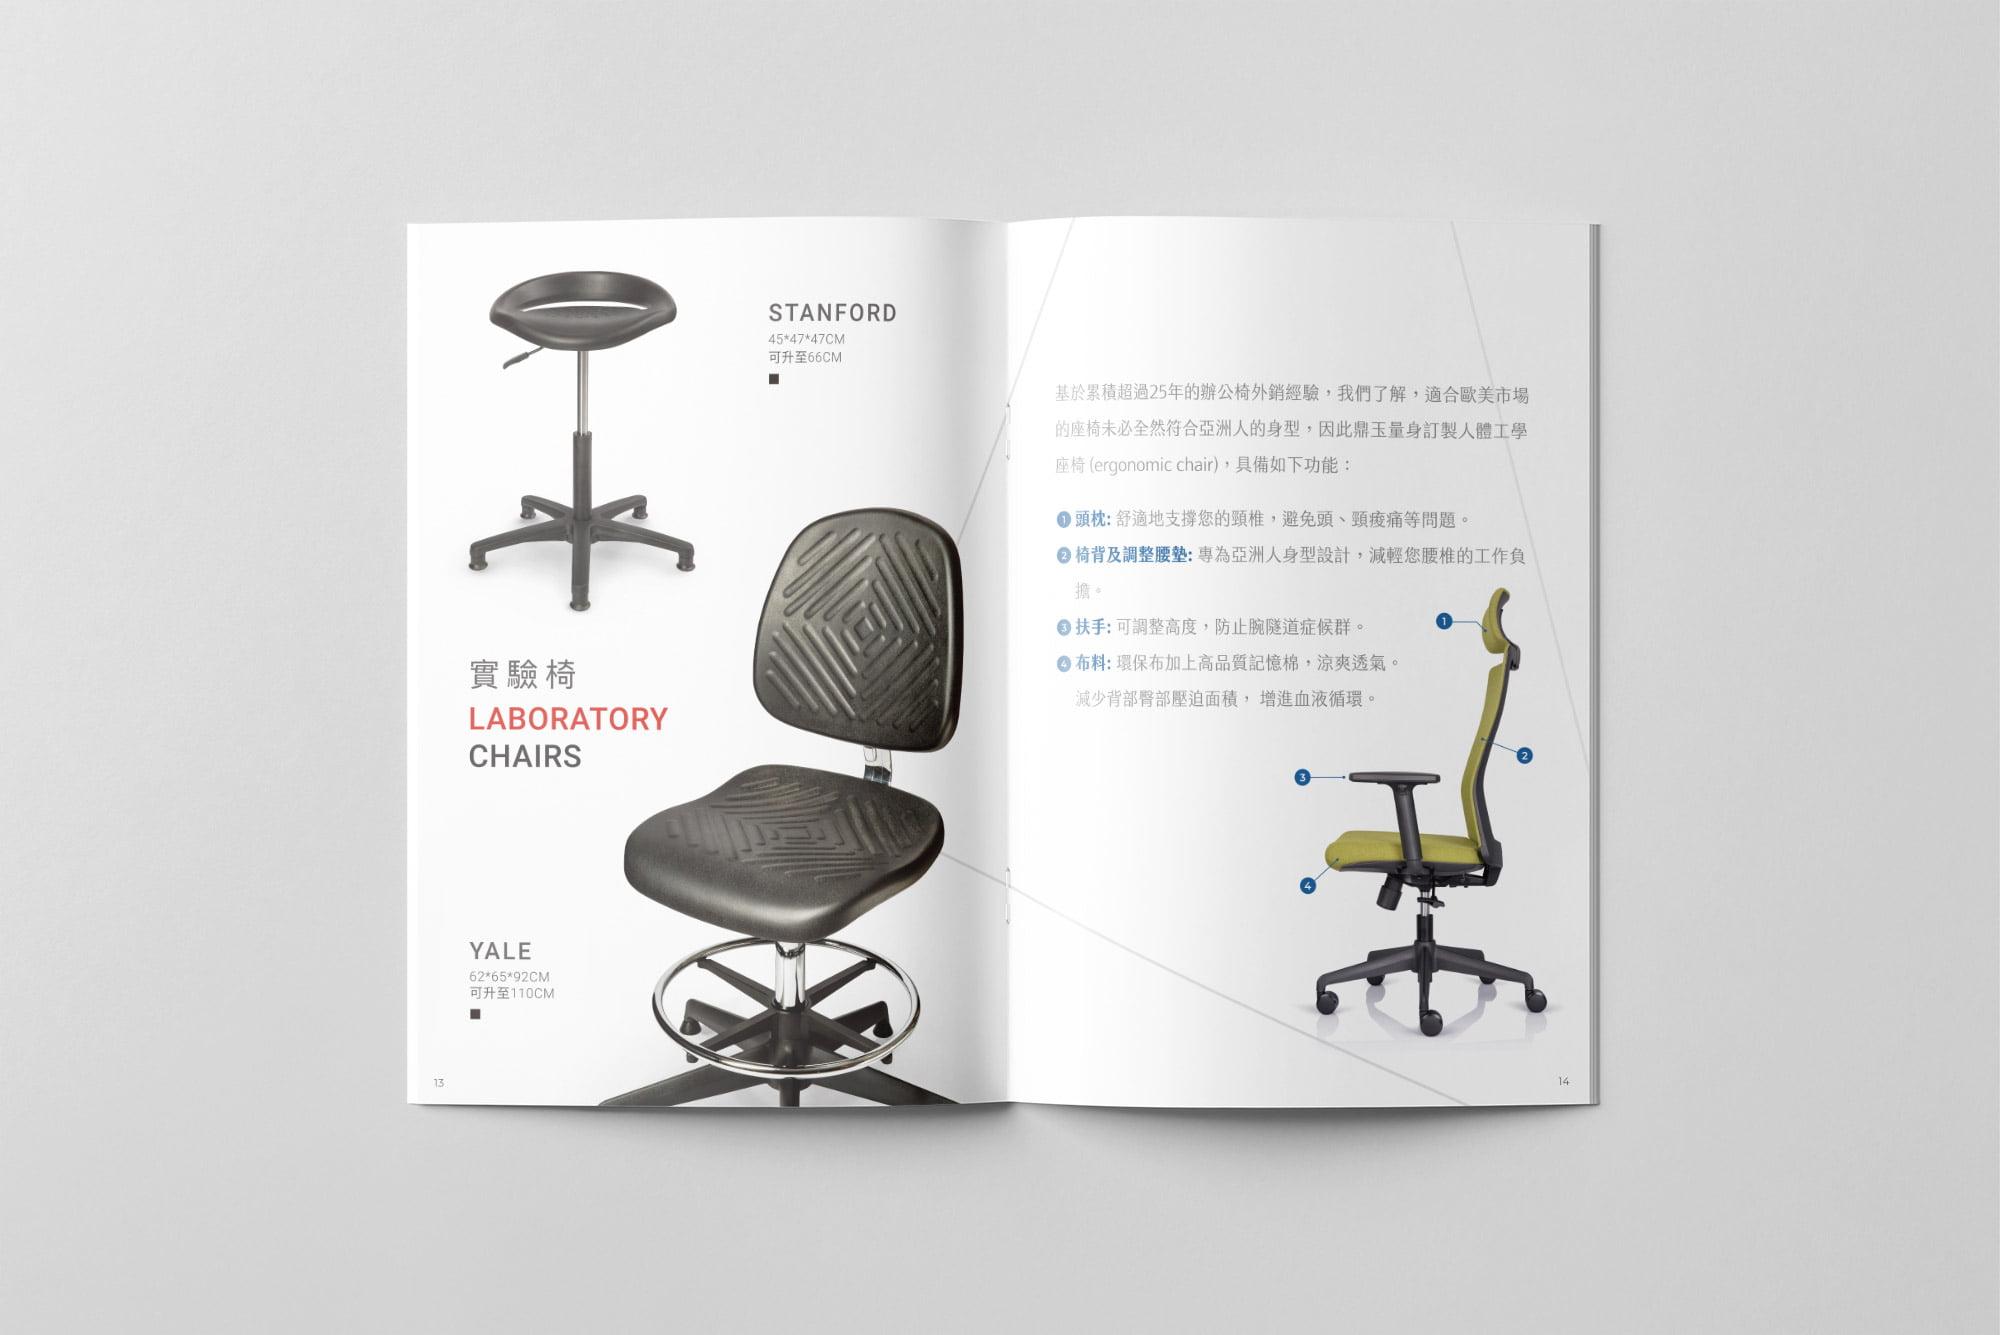 讓客戶留下印象深刻的型錄設計,豐富內容玩出不同排版樣式